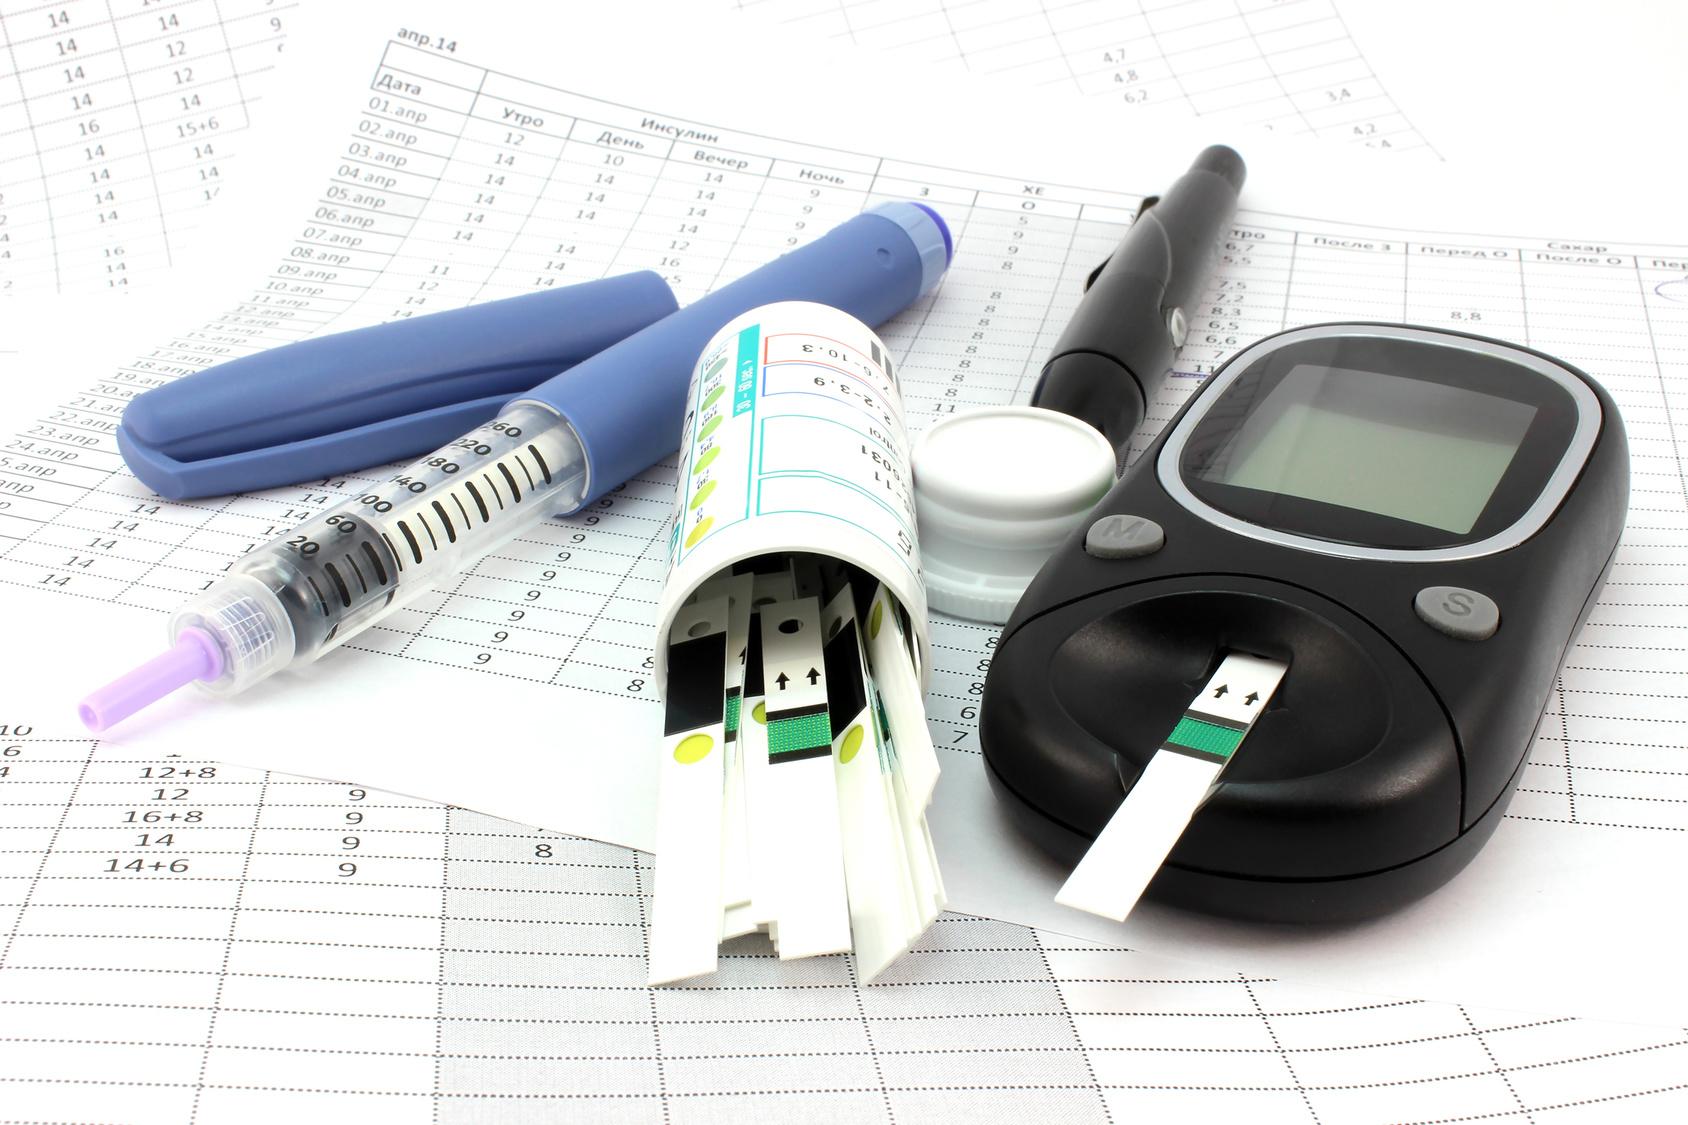 Diabetes monitoring tools